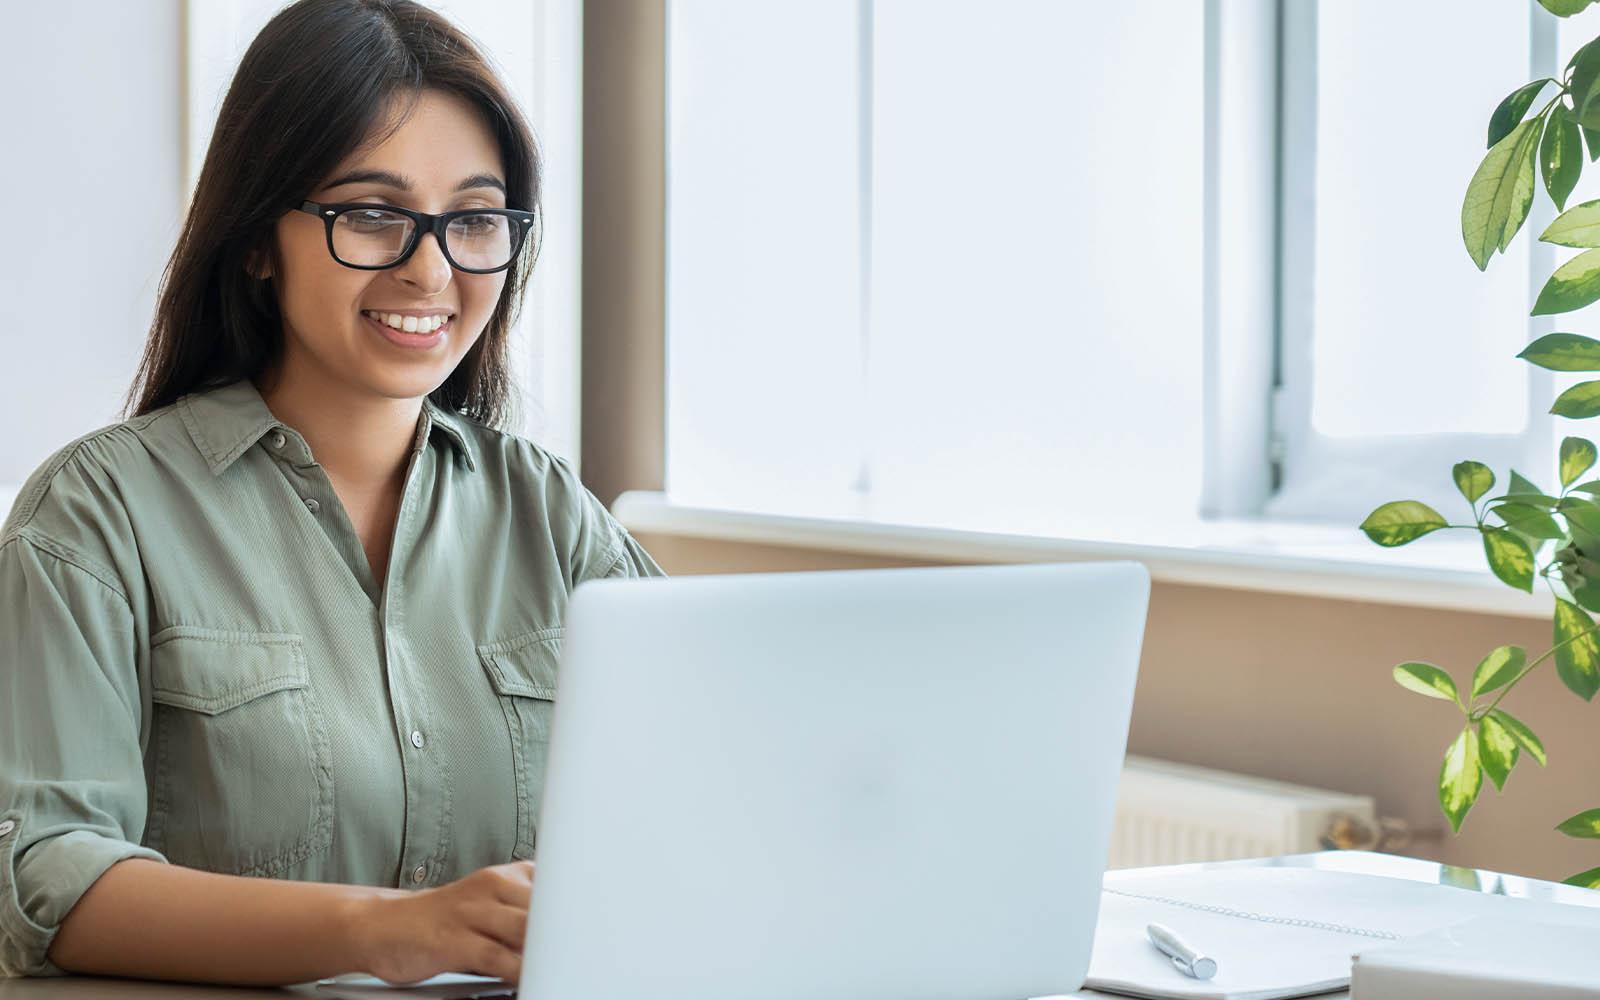 Digital marketer working at her desk